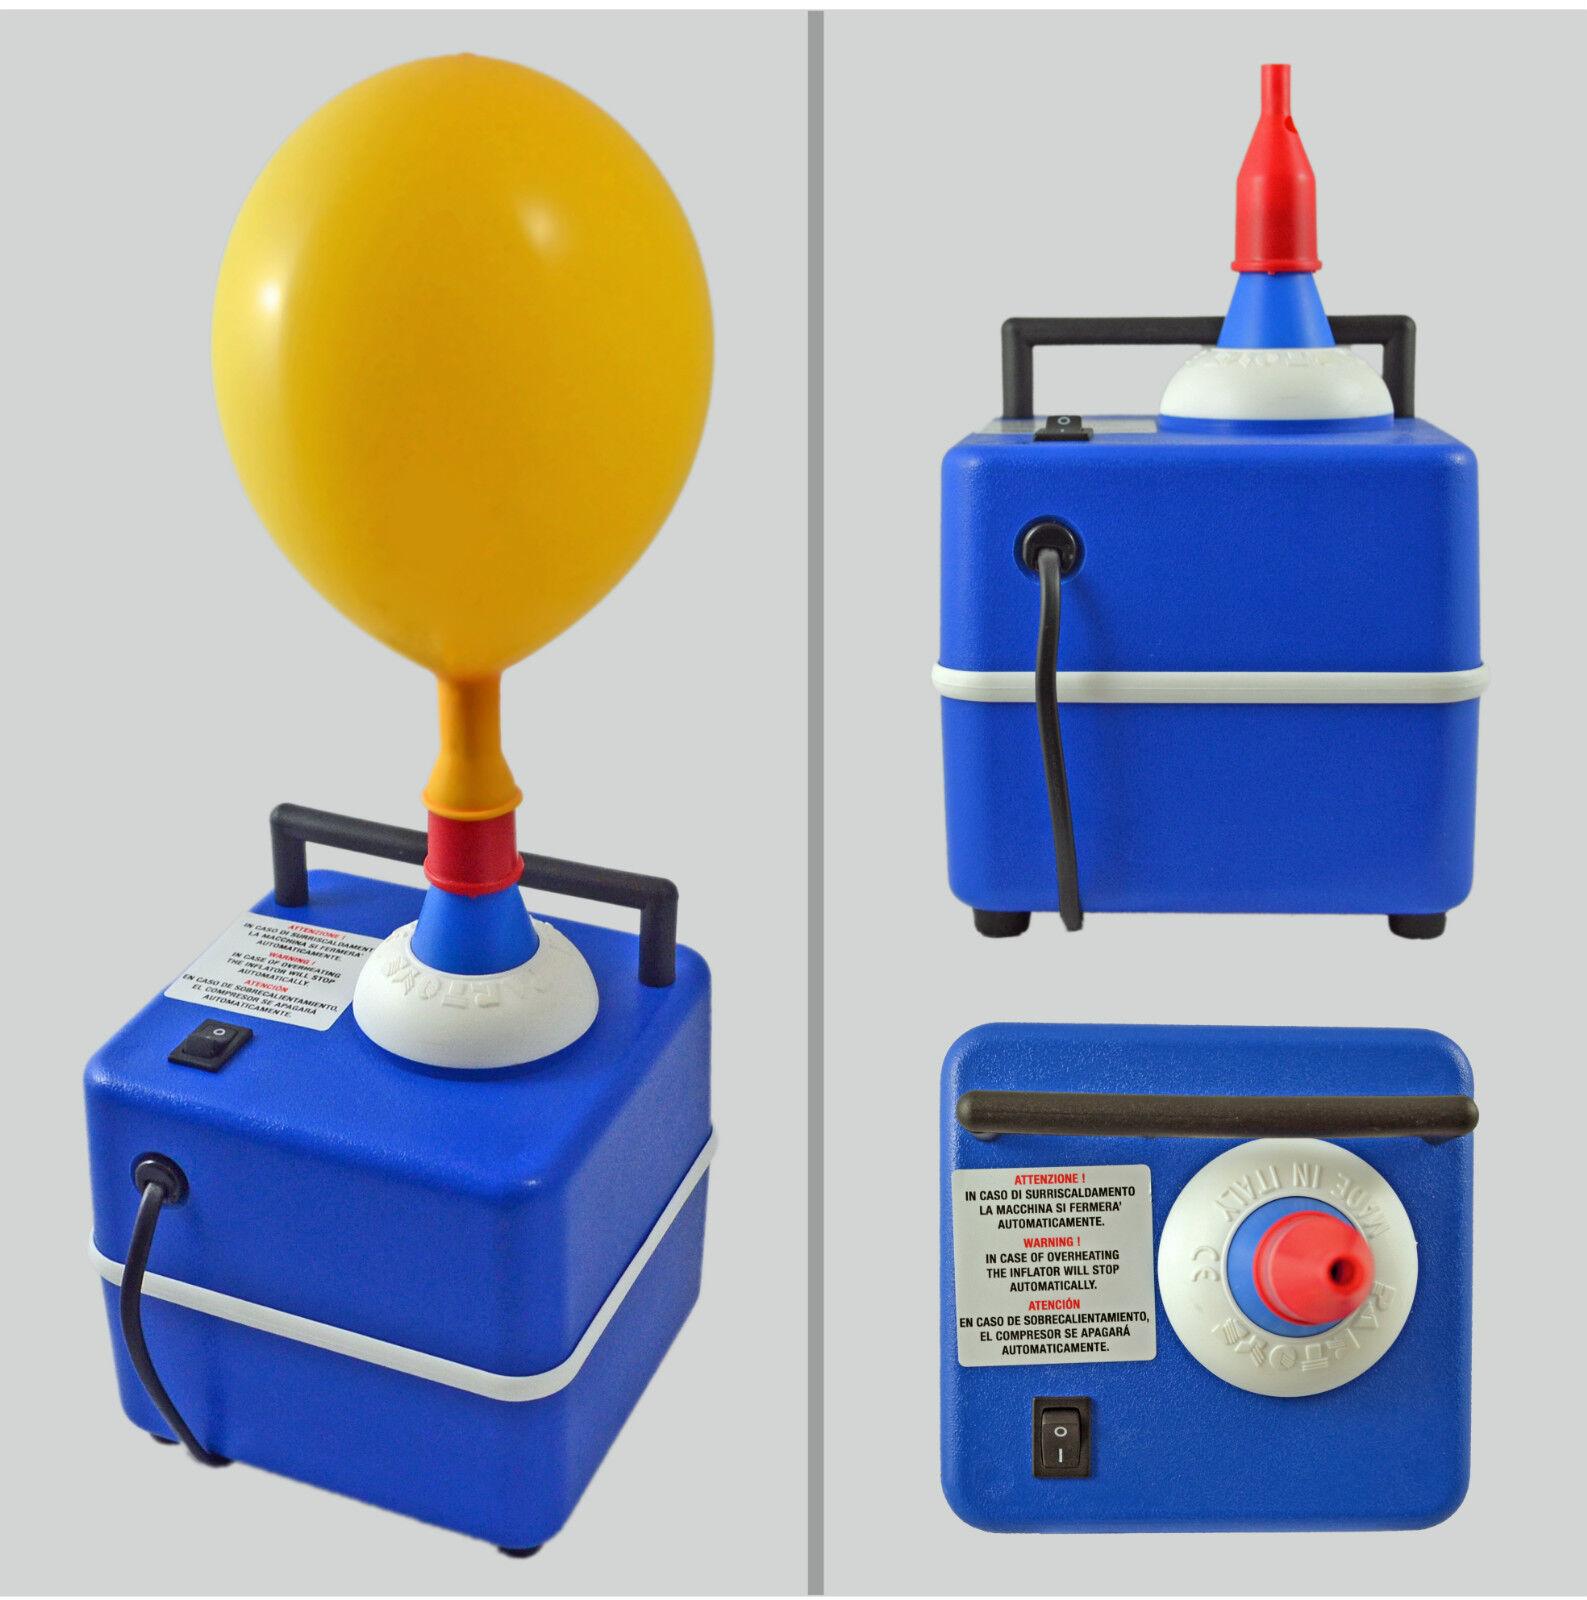 Luftballon Aufblasgerät elektrische Ballonpumpe Luftballonpumpe High Quality | Haltbarkeit  | Bekannt für seine schöne Qualität